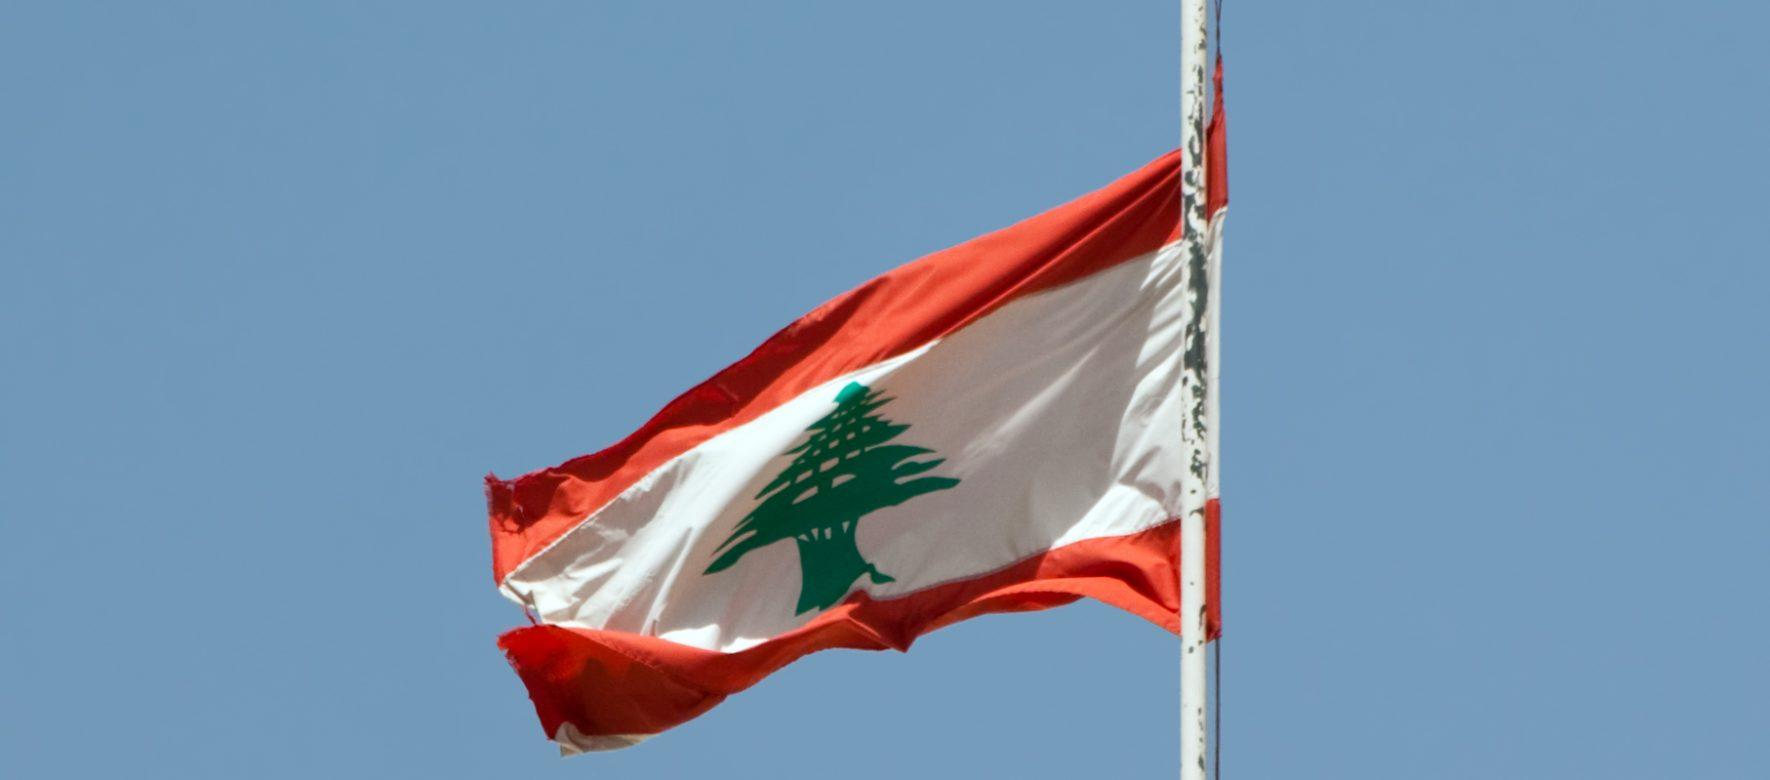 Liban : On devrait connaitre le nouveau gouvernement libanais début 2020